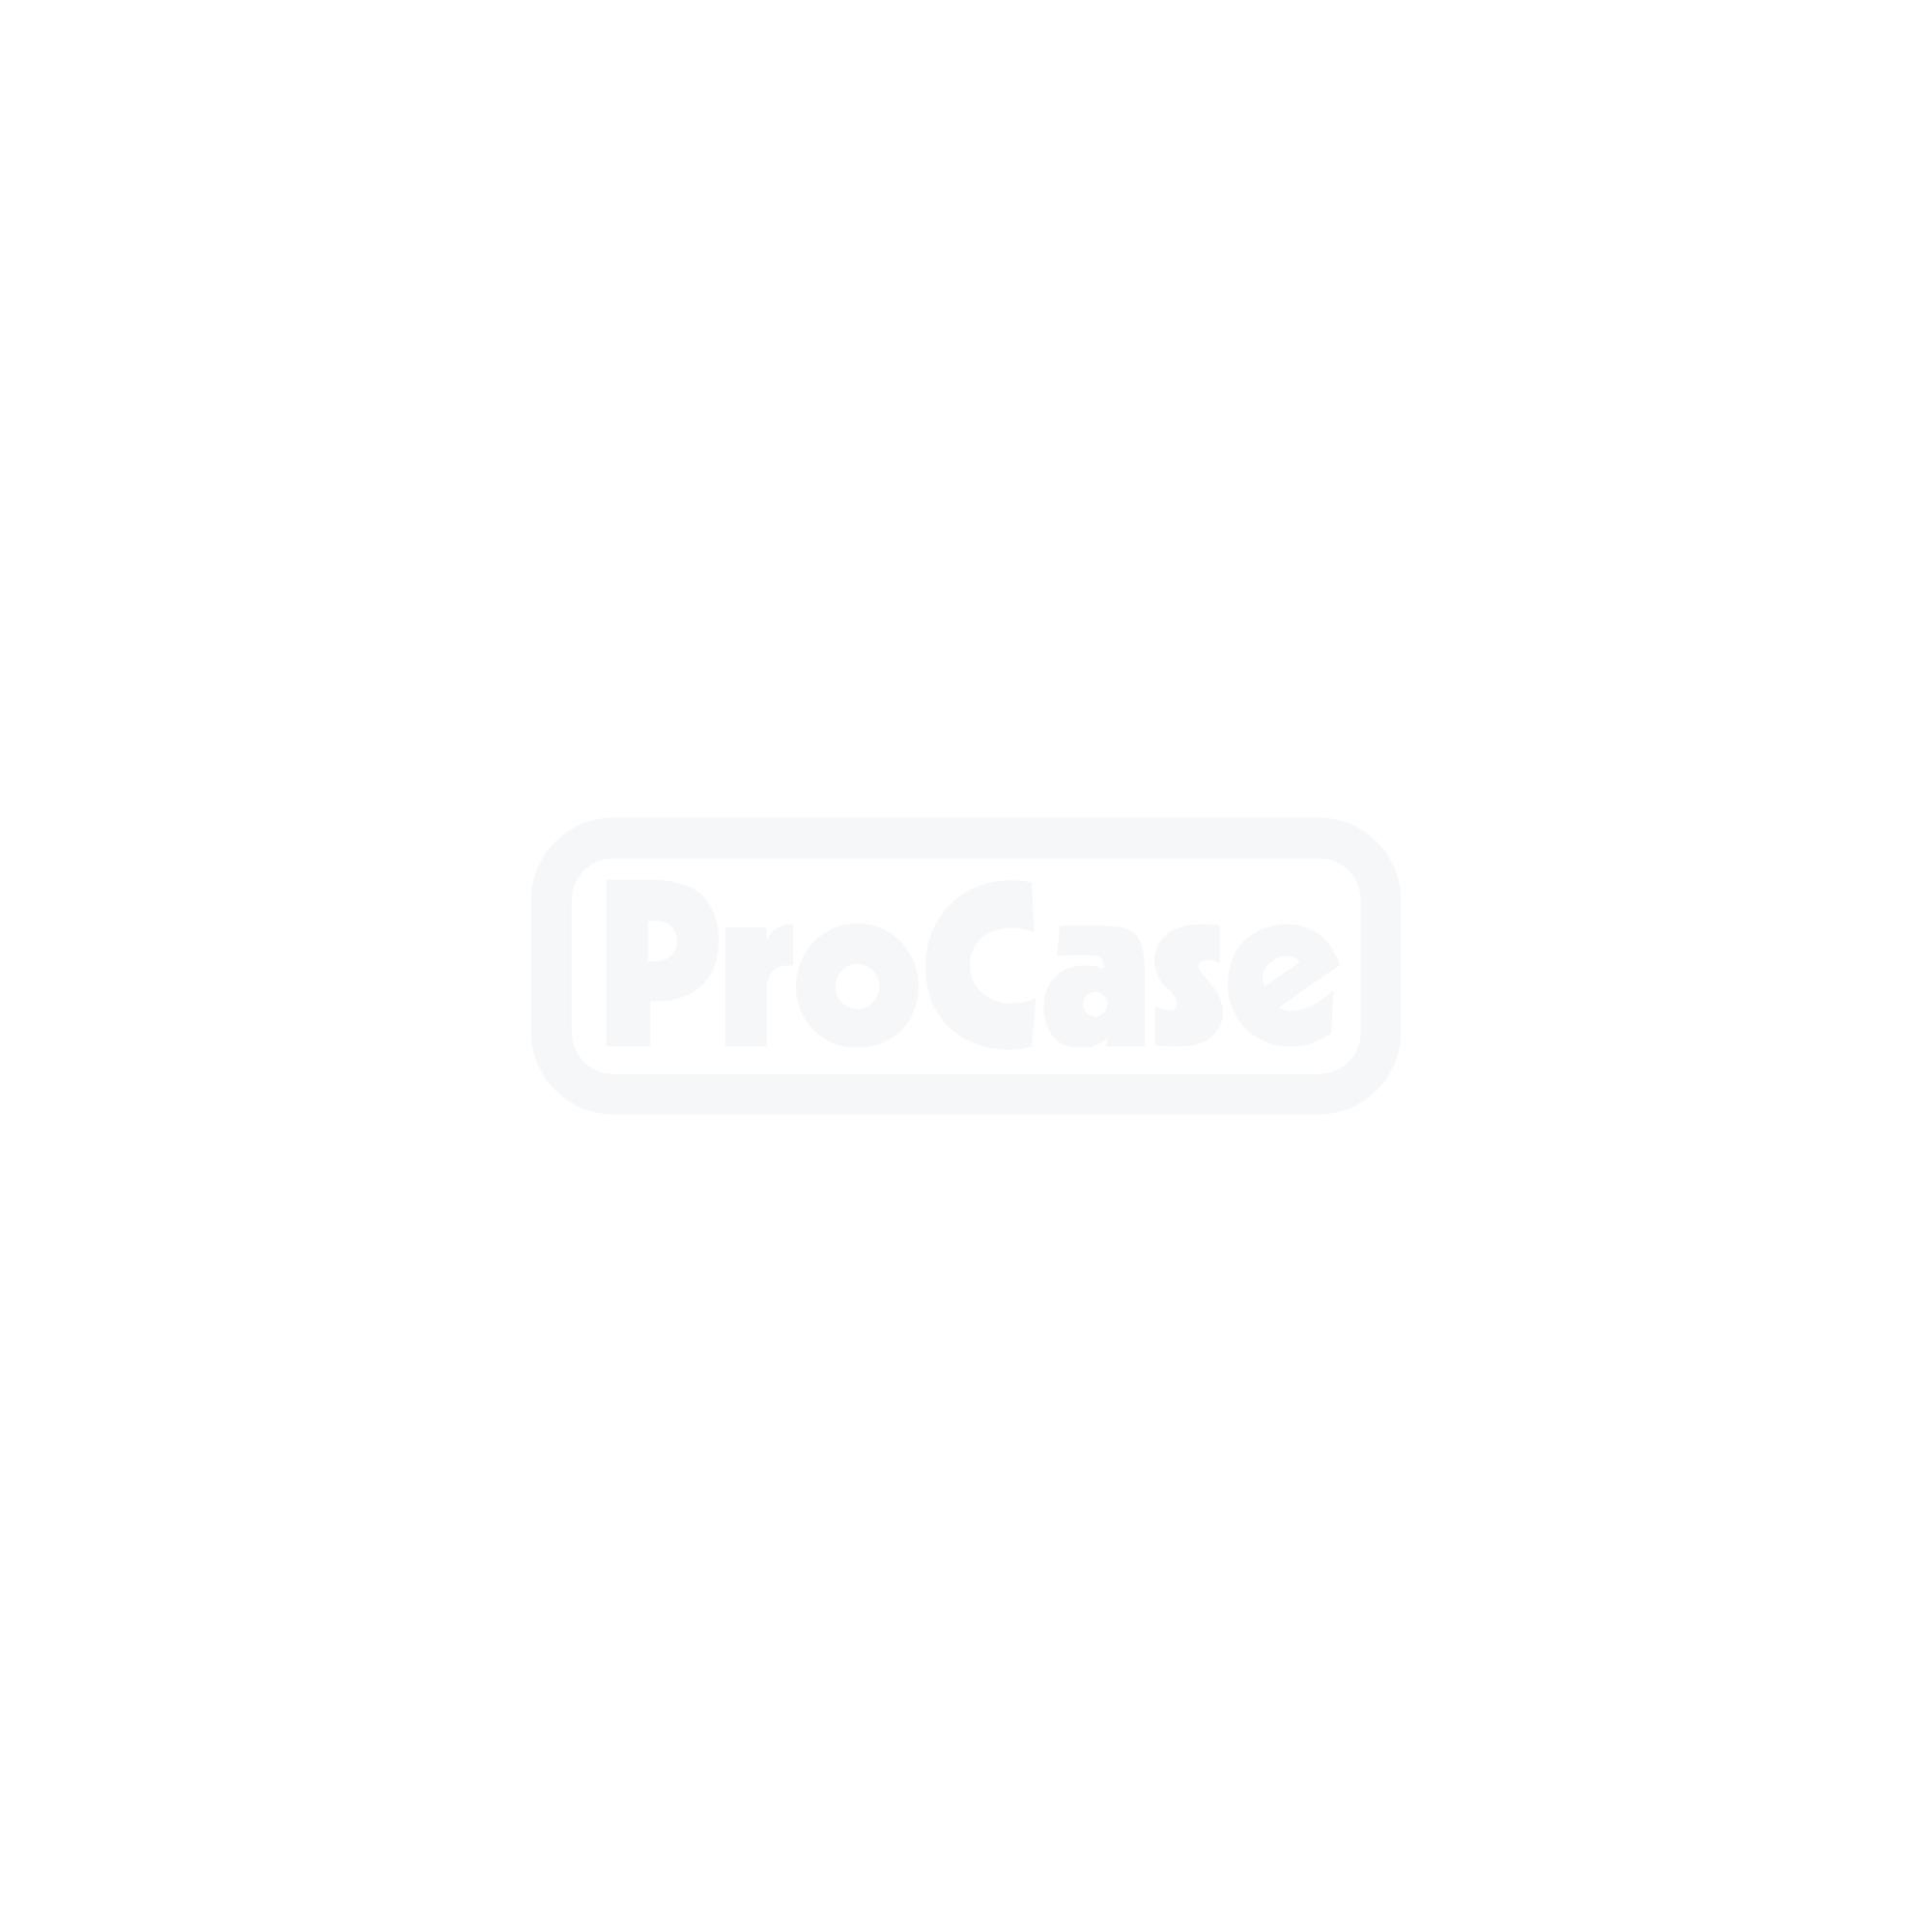 Flipcase für Allen&Heath dLive C1500 2